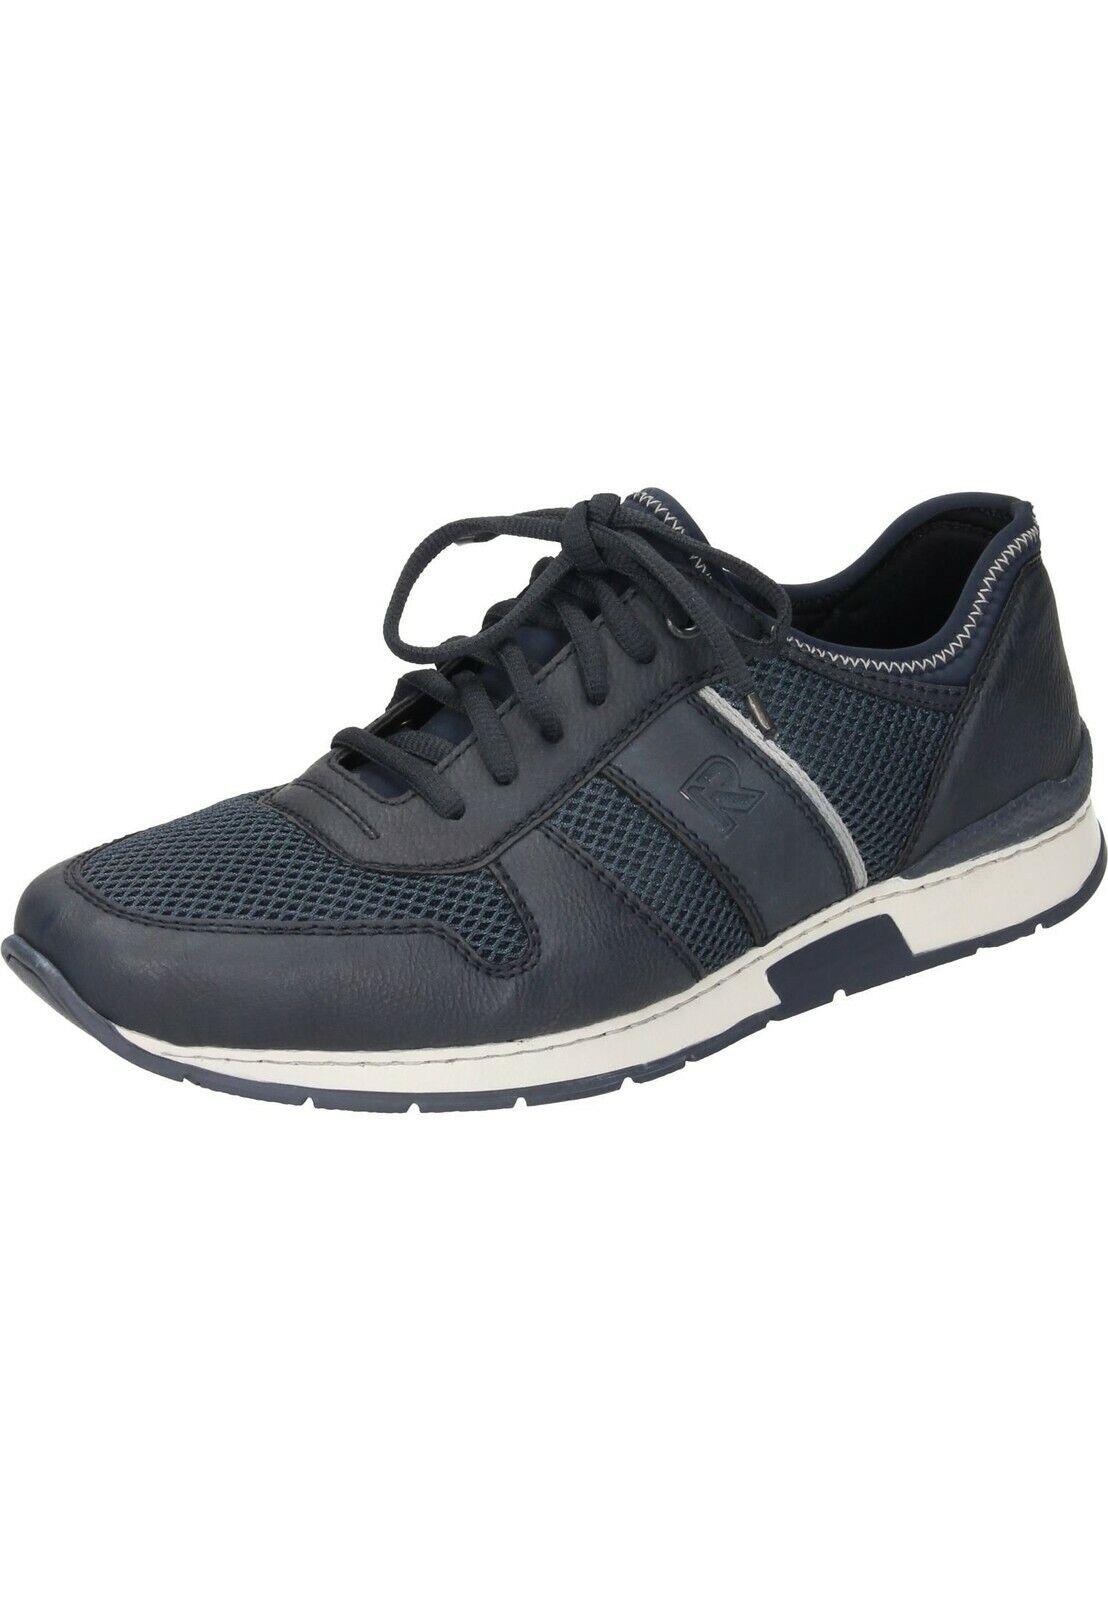 Rieker 19400-18 zapatillas zapato bajo zapatos caballero zapatos talla 40-46 azul neu7